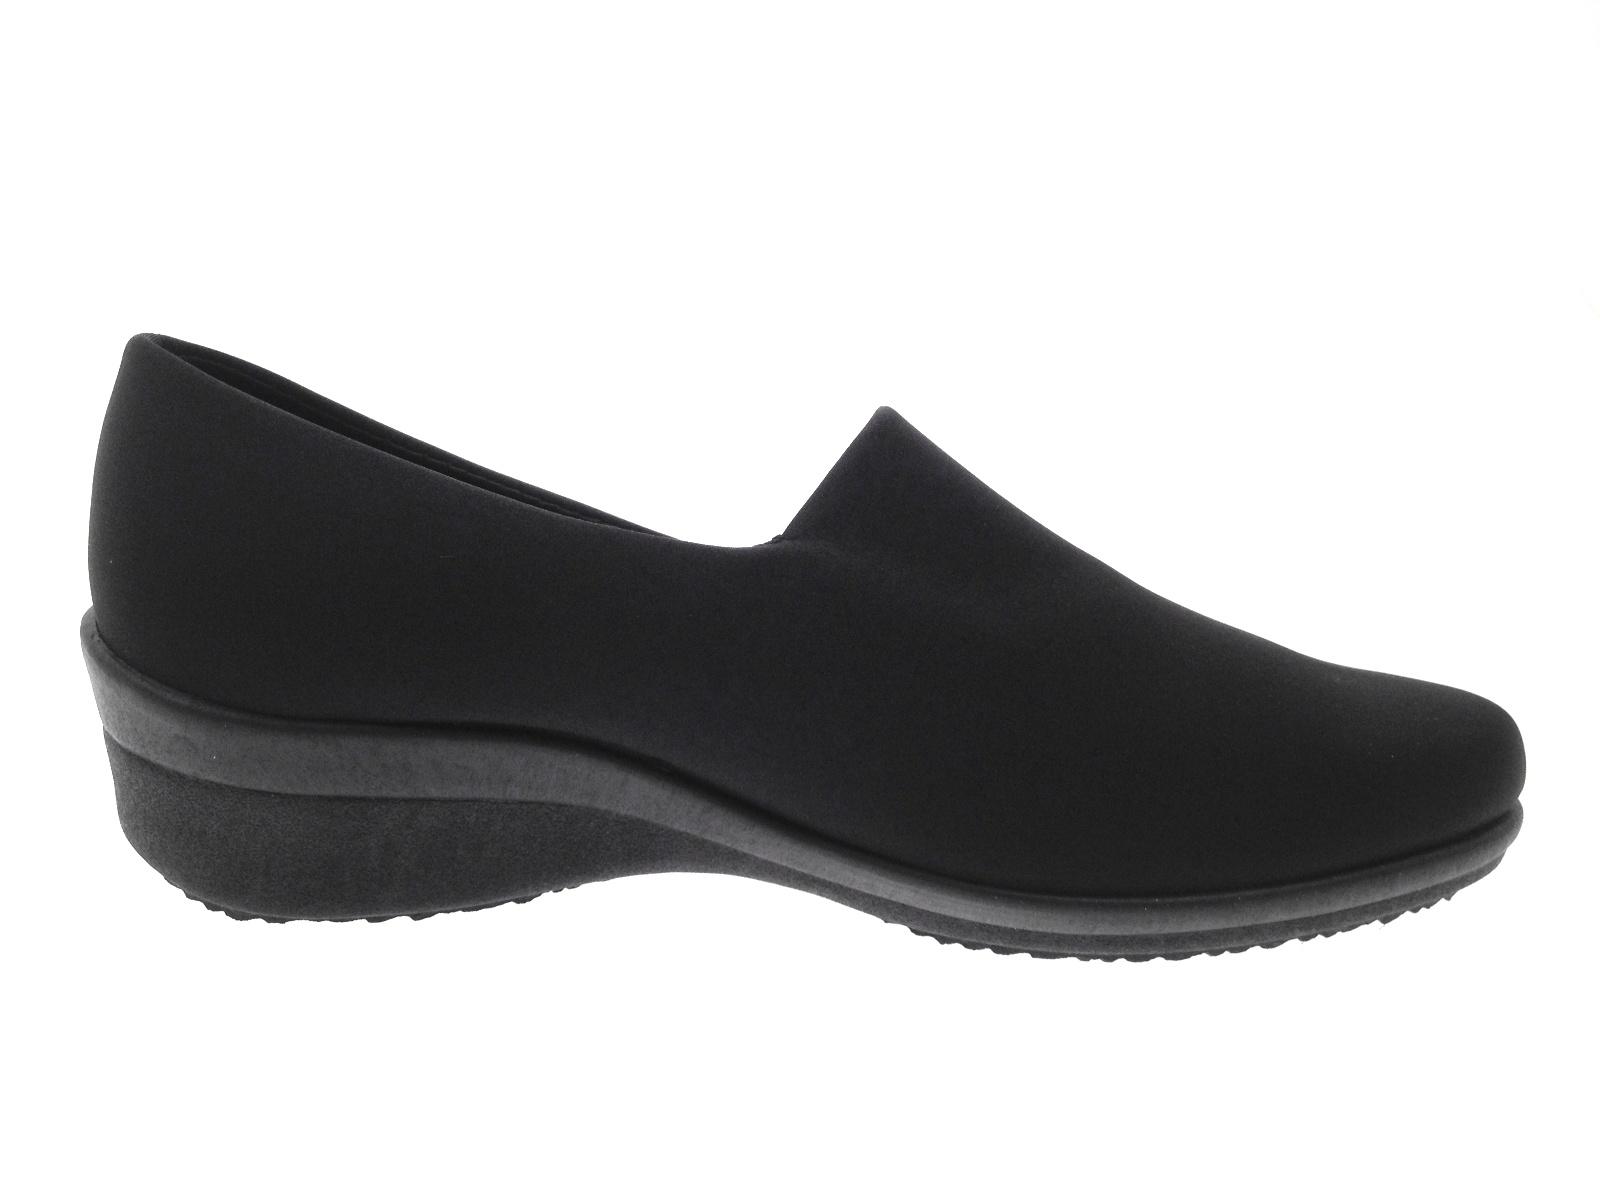 Cushion Walk Stretch Slip On Shoes Ebay